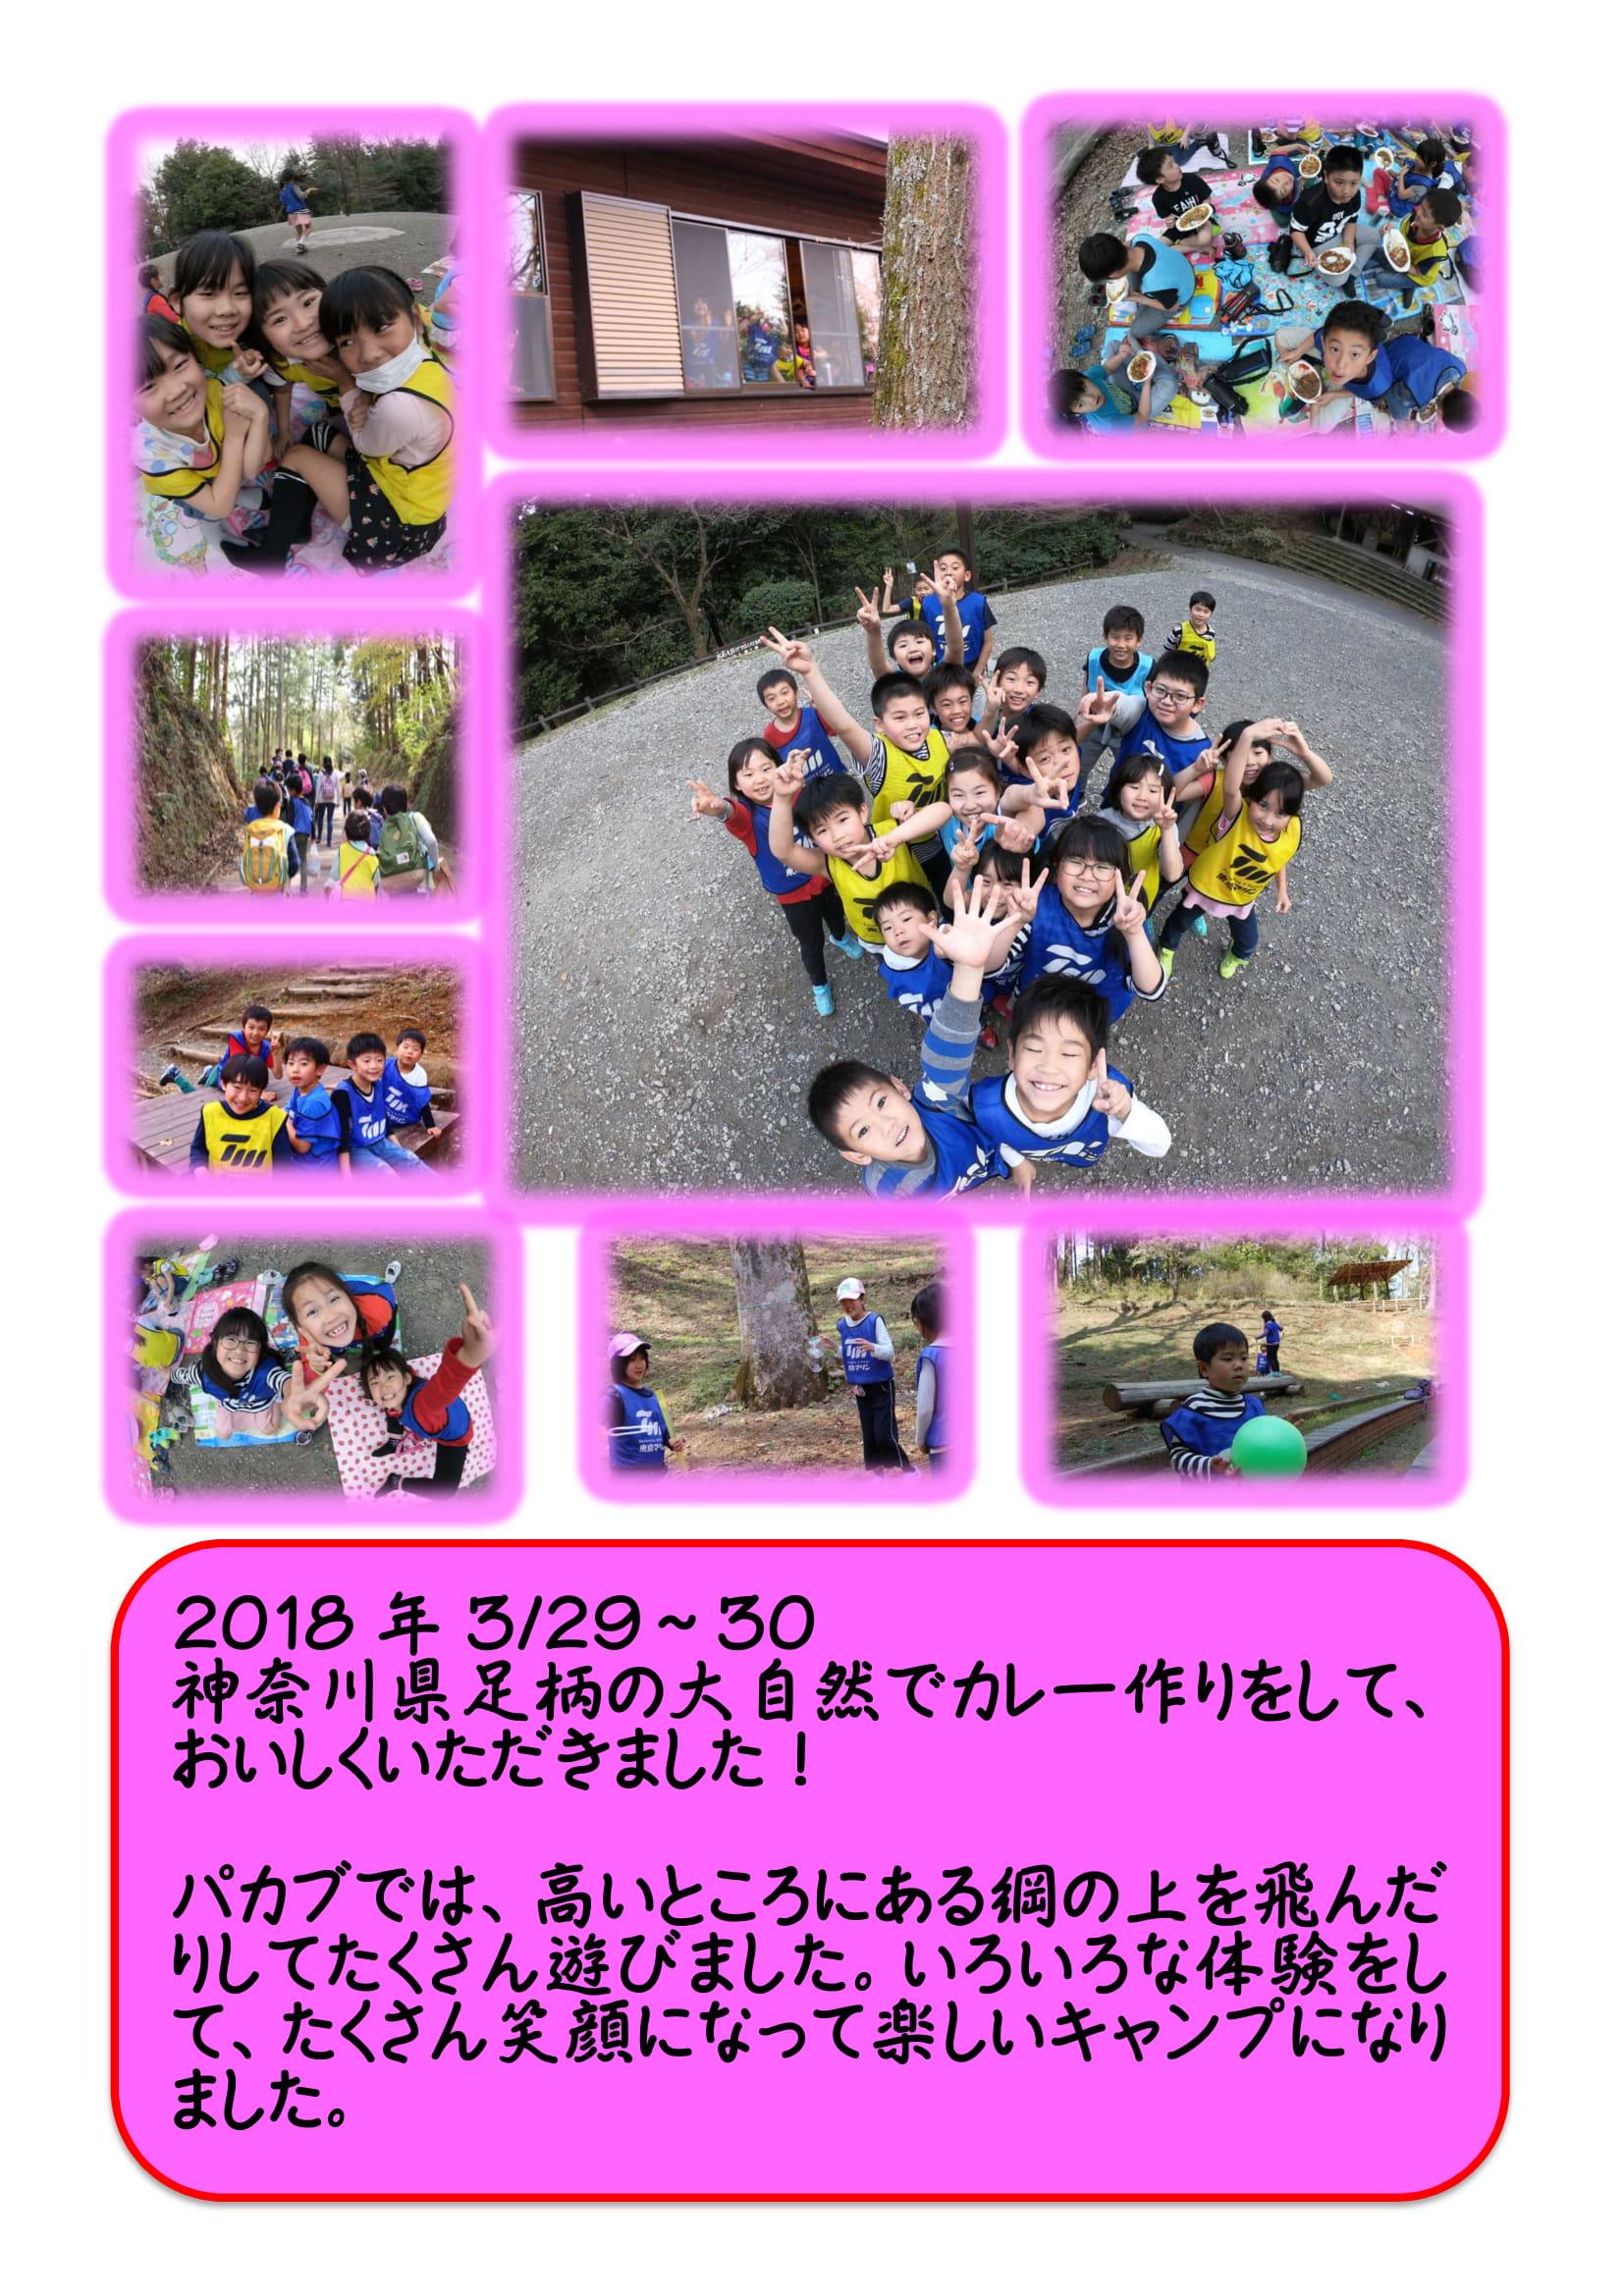 西新井スイミング 「2018年3月29日(木)~3月30日(金) スプリングキャンプ」に行きました